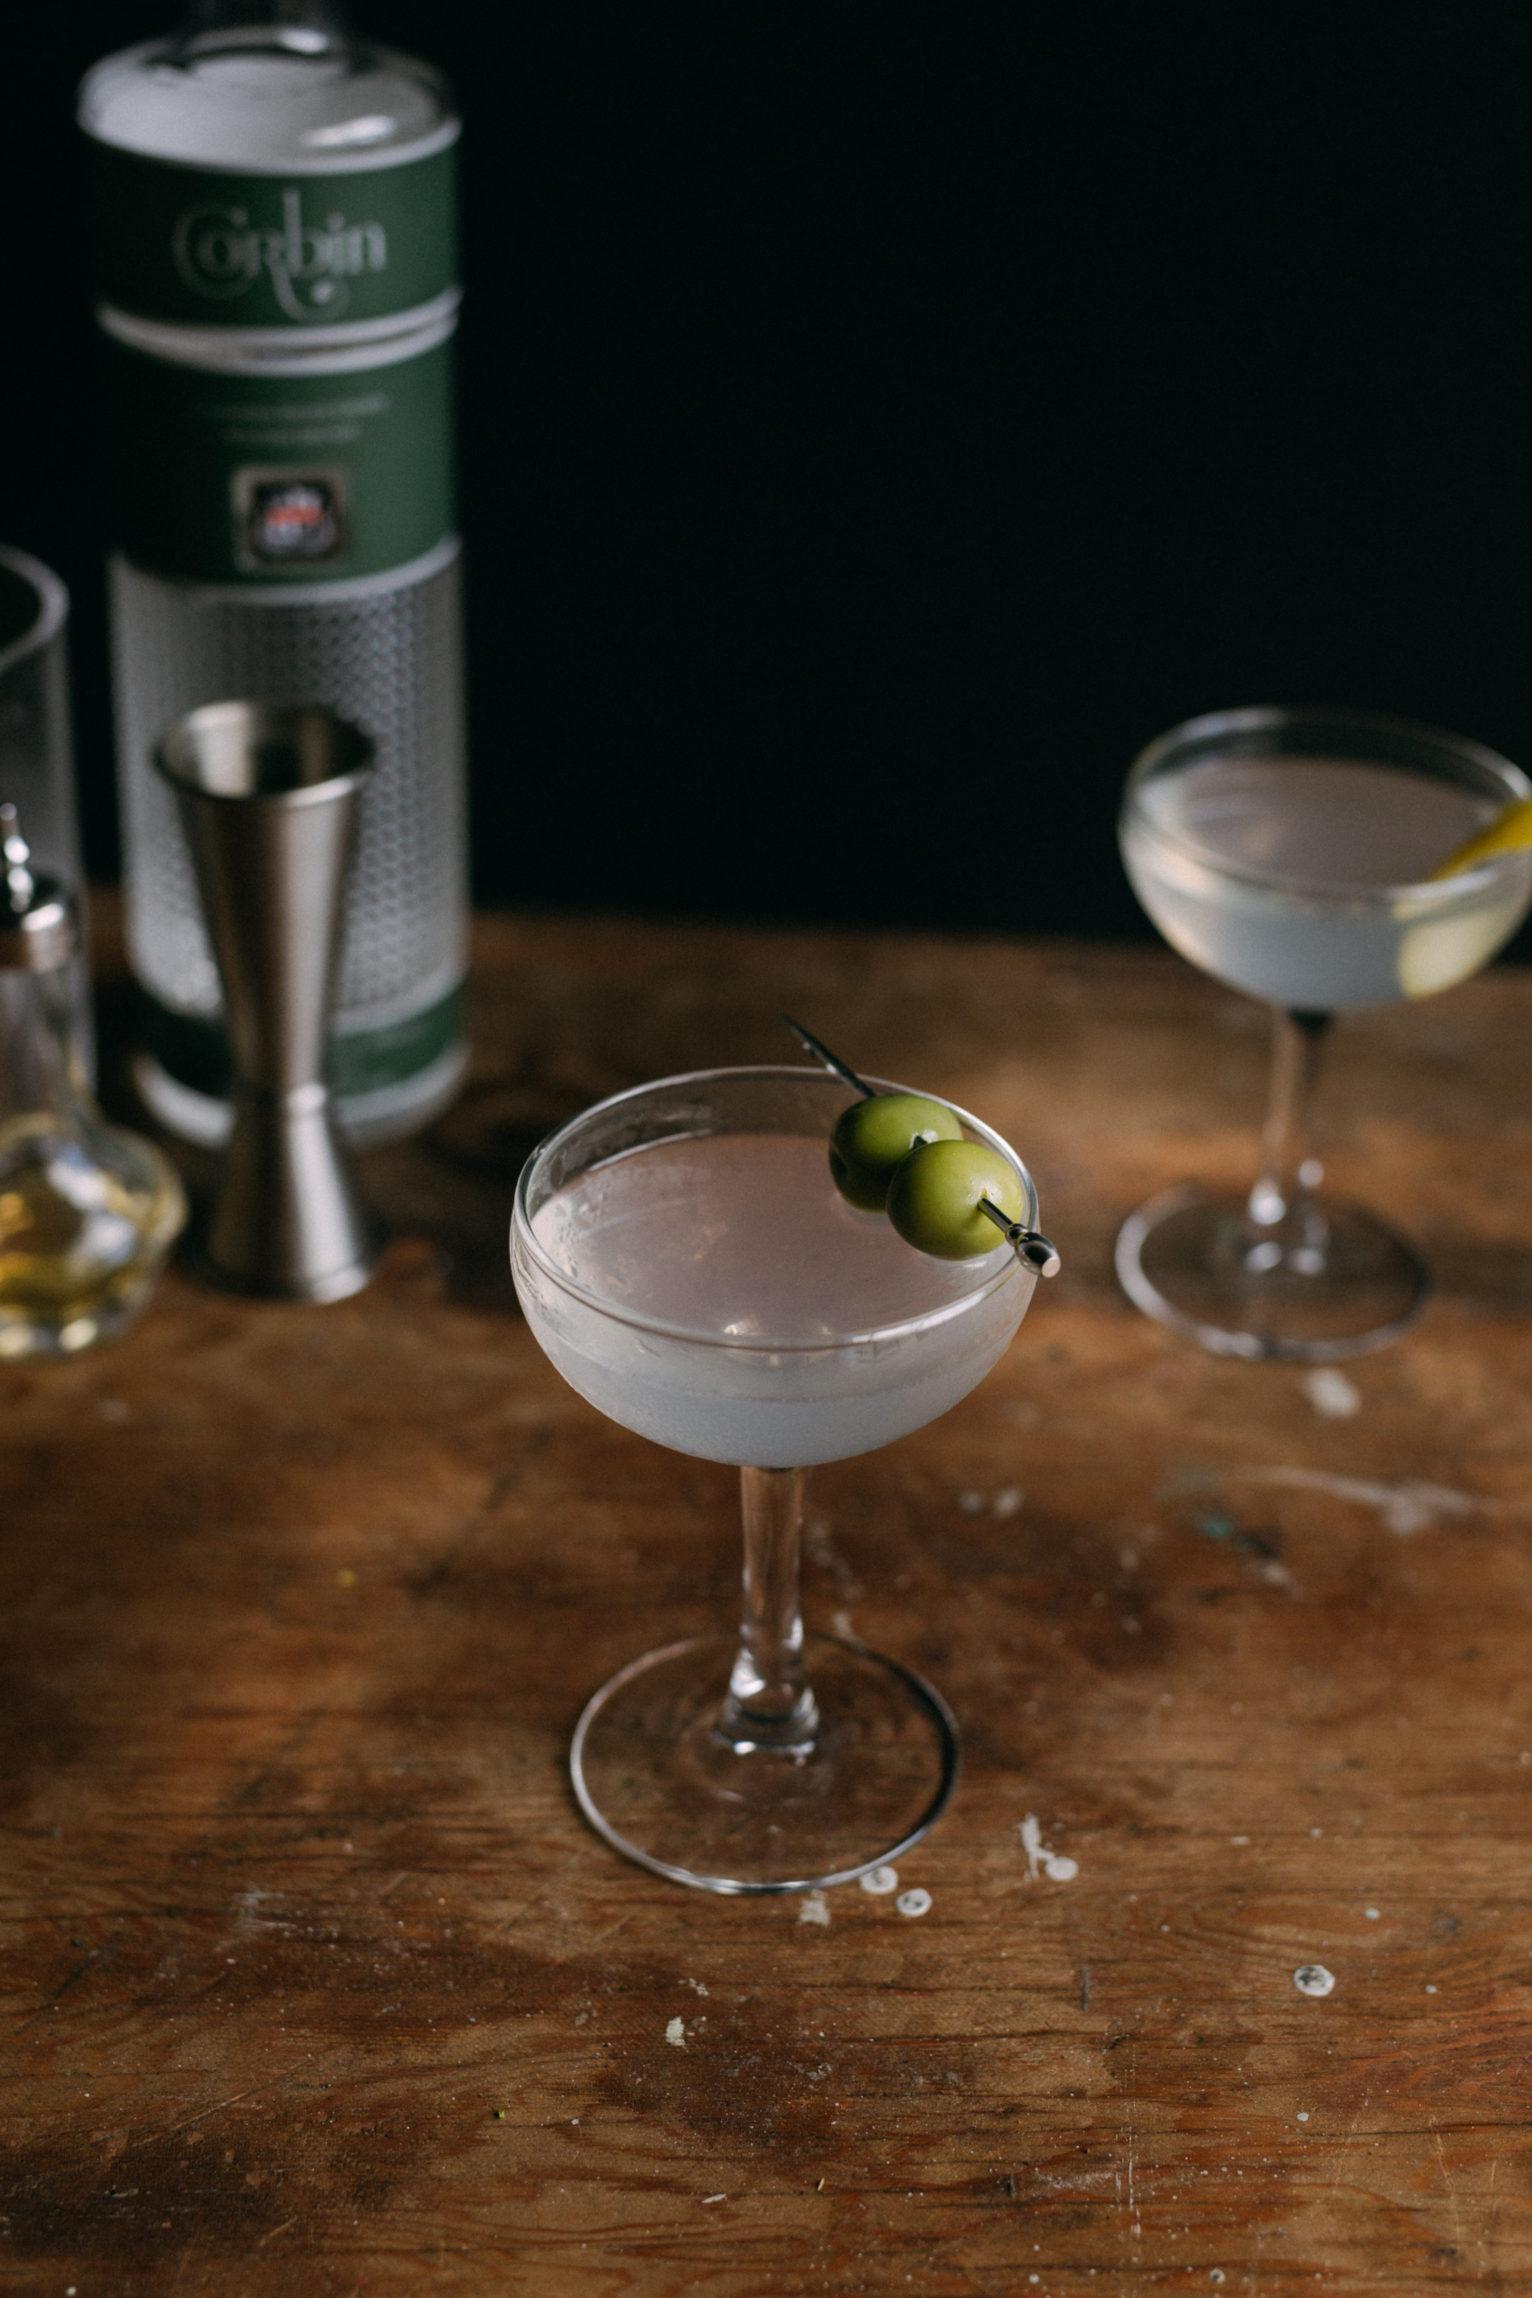 Finished Martini